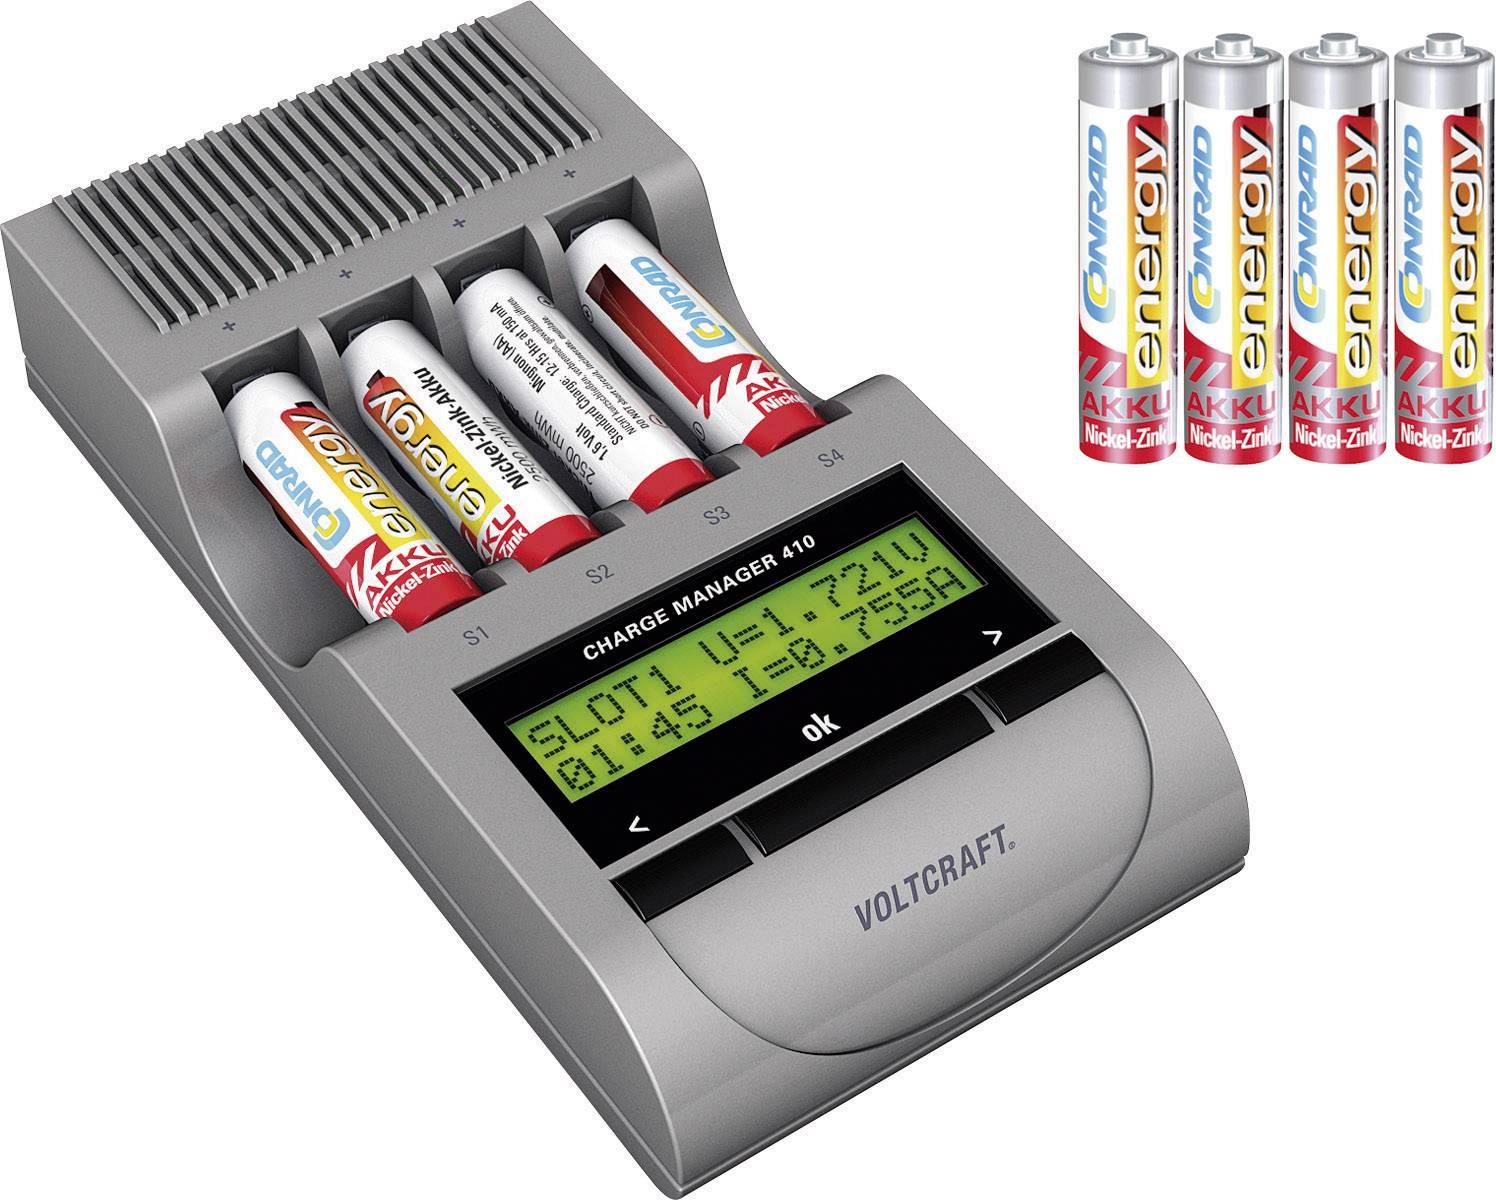 Inteligentná nabíjačka Voltcraft Charge Manager 410 + 4 micro a mignon NiZn akumulátory